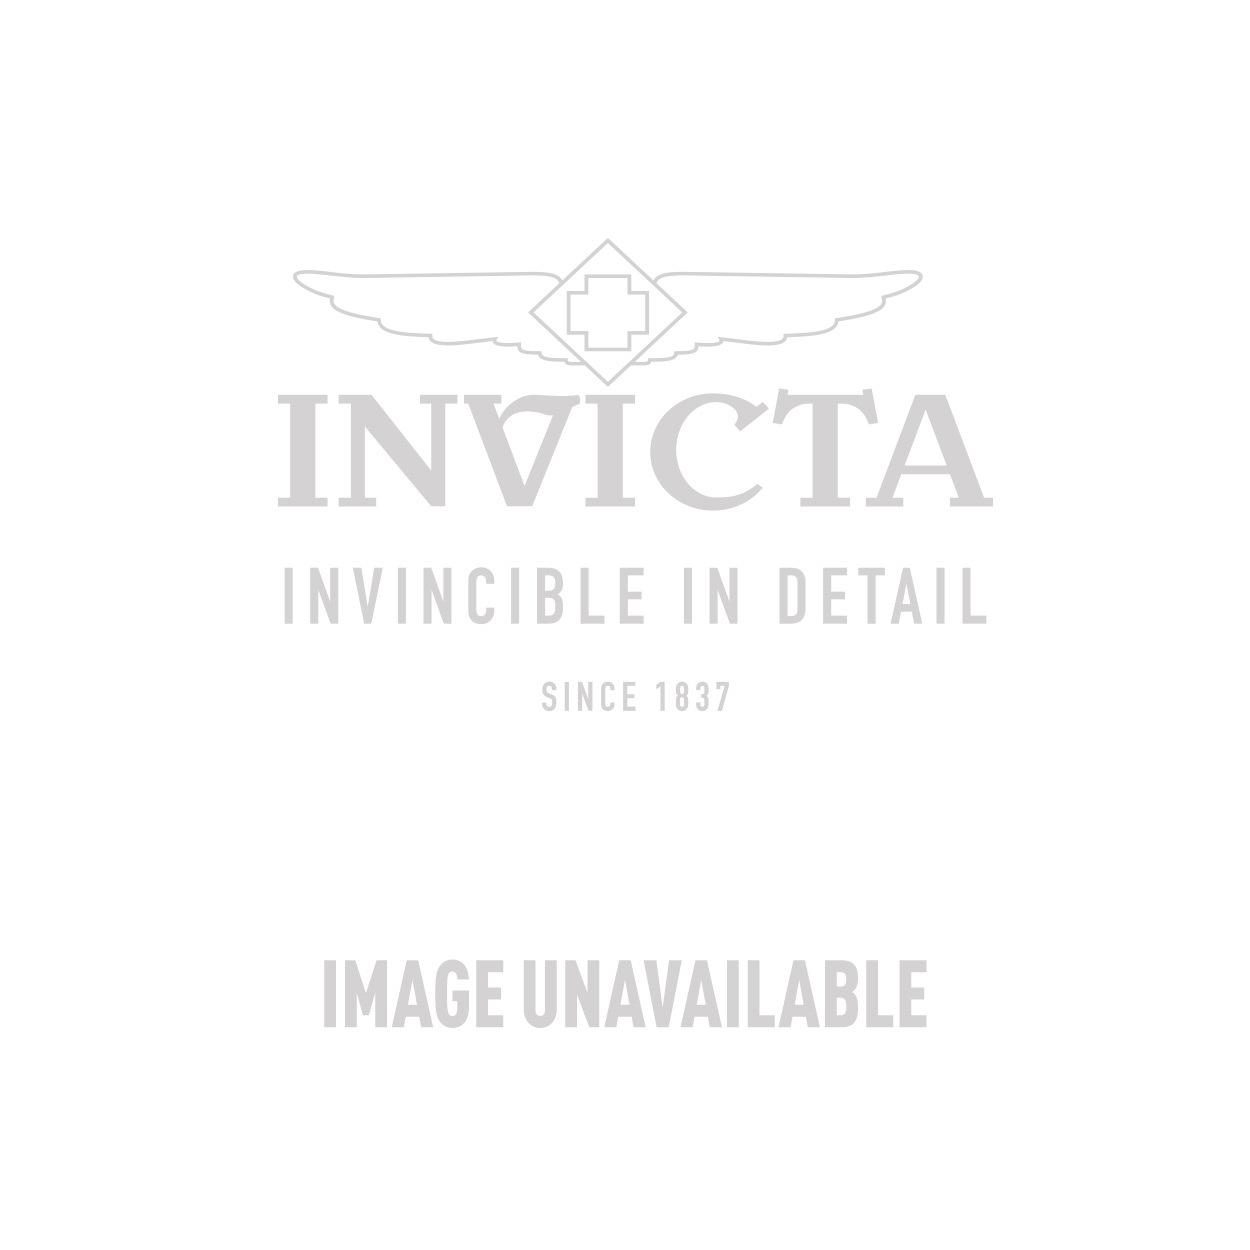 Invicta Model 28400